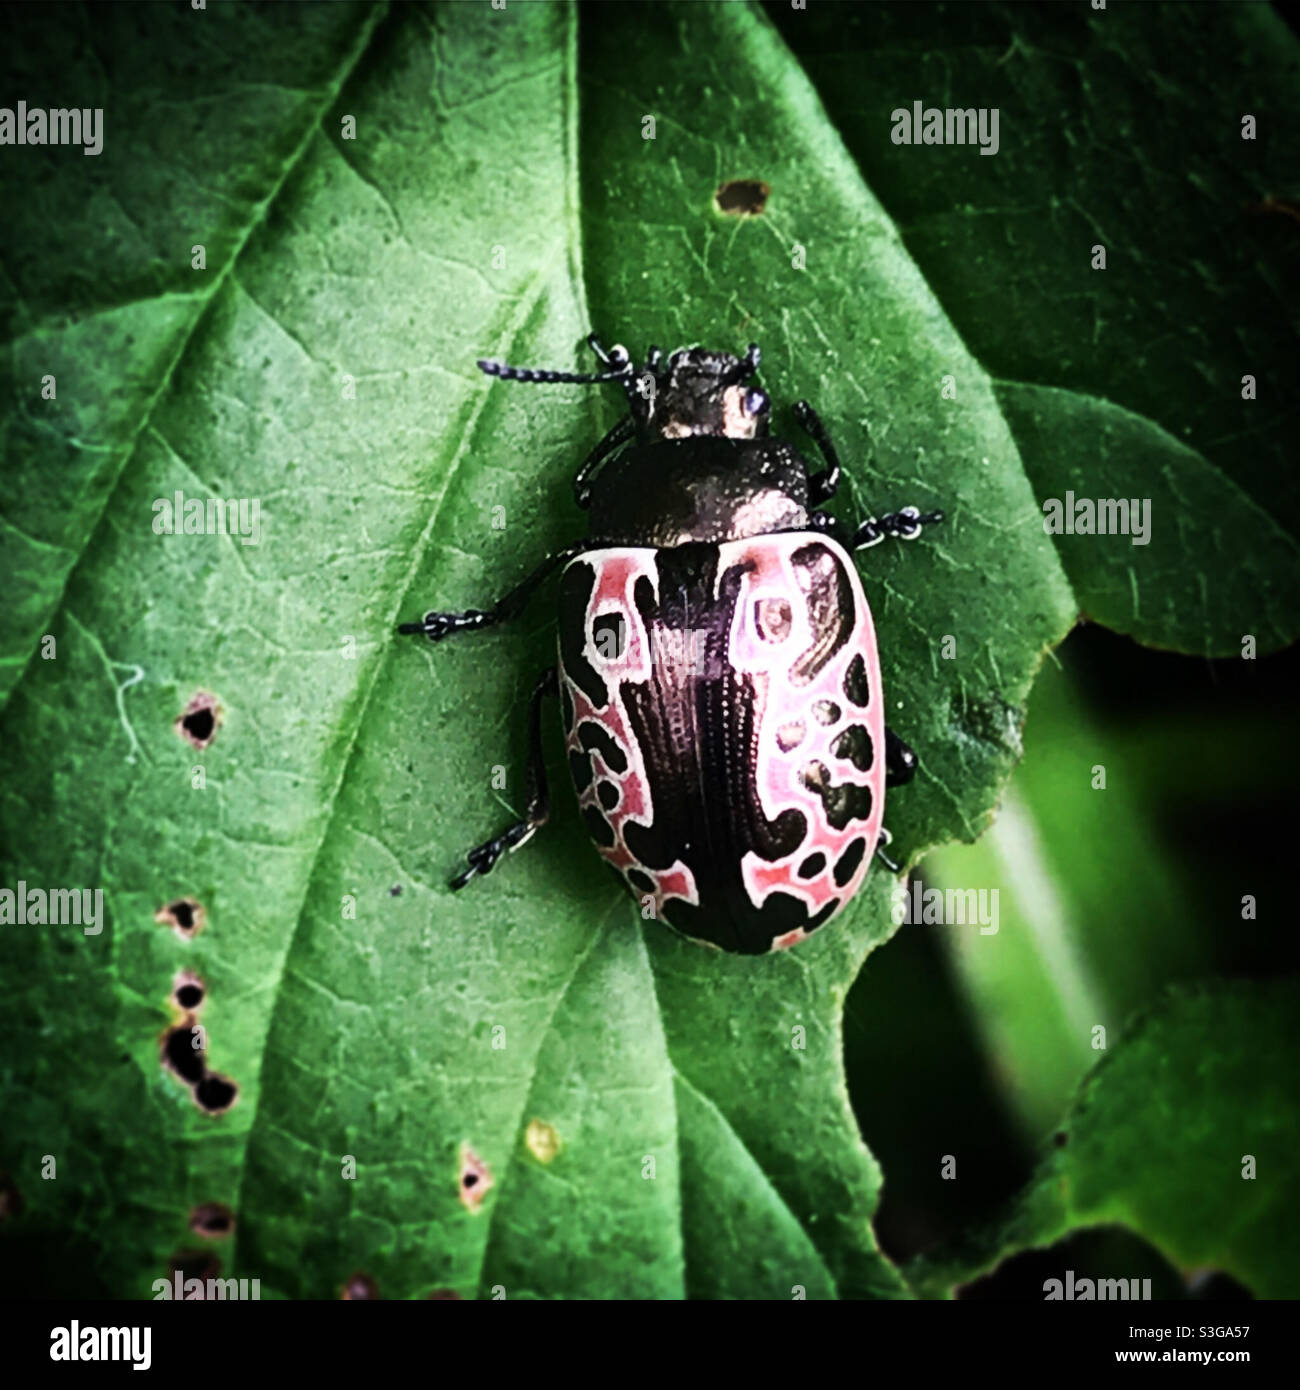 Un ladybug rosa si trova su una foglia verde in una foresta in Messico Foto Stock